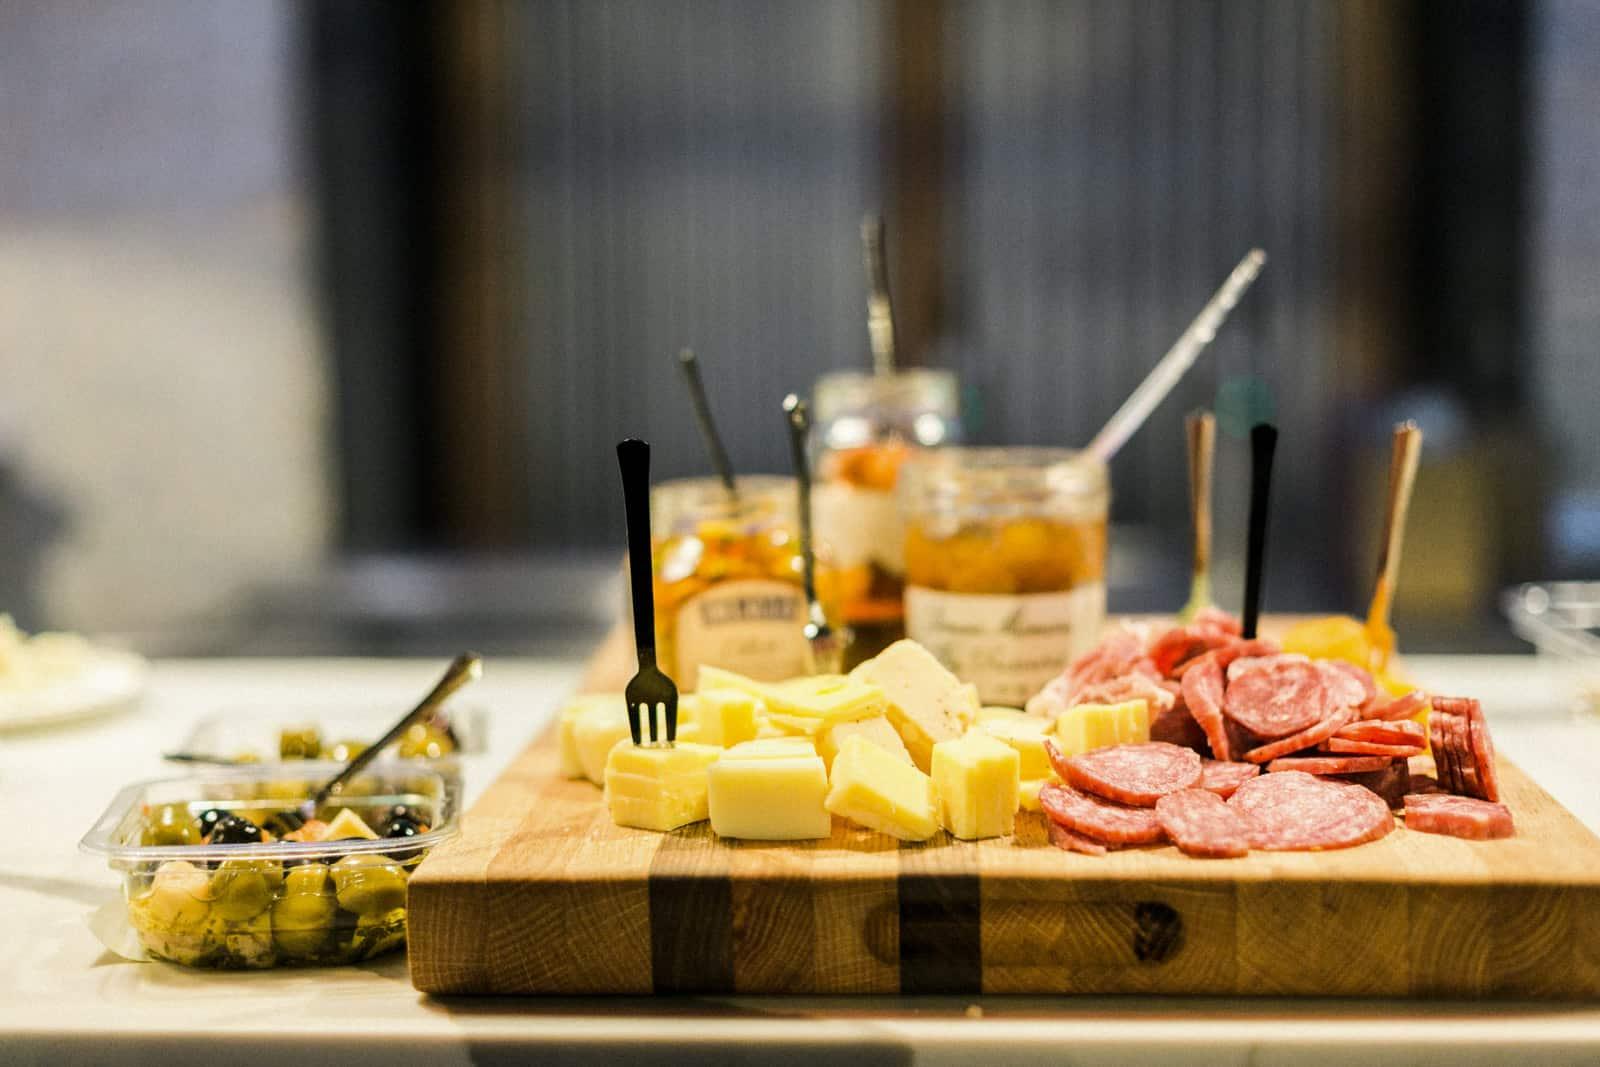 How to make an antipasto platter. Appetizer board, cheese and meat board, how to make an appetizer platter